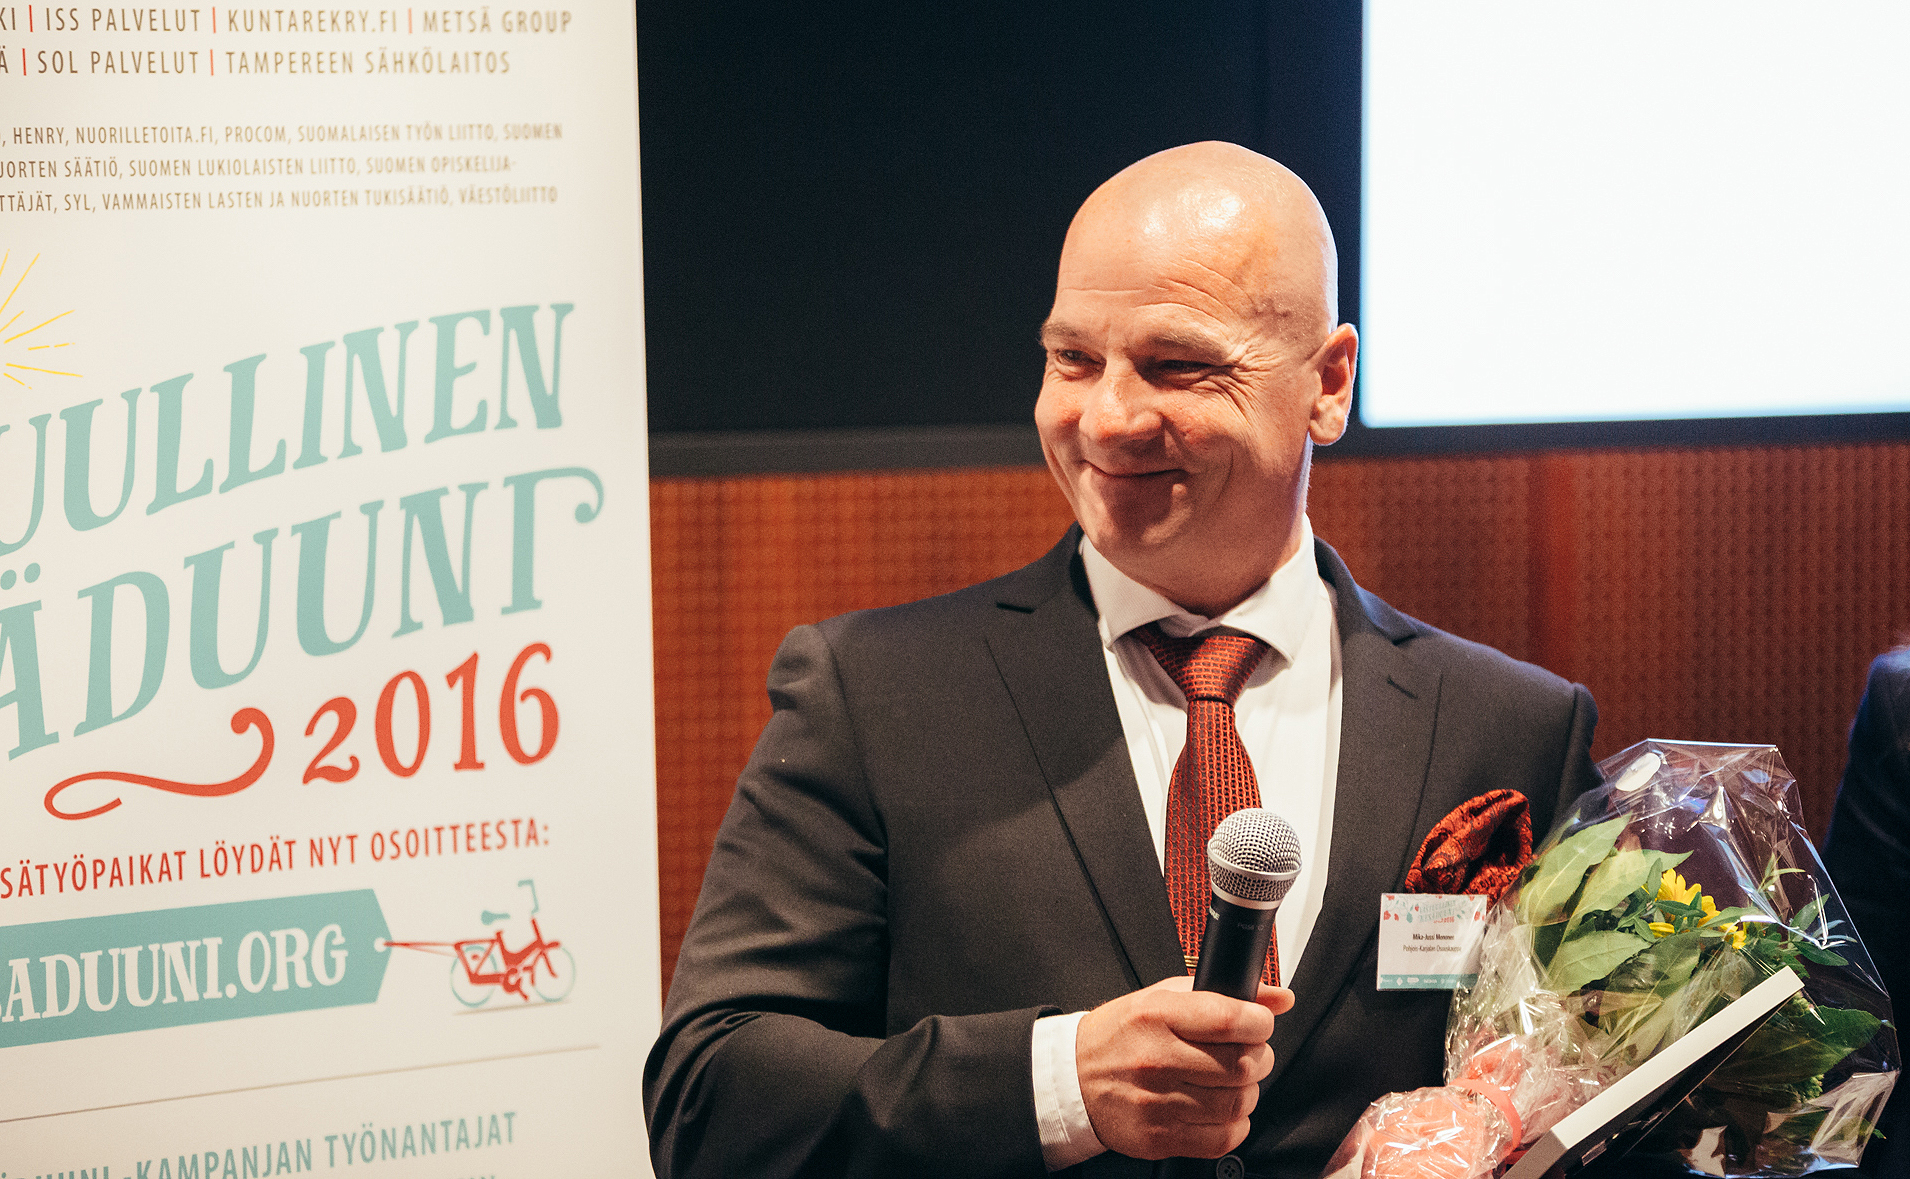 Henkilöstöjohtaja Mika-Jussi Mononen Pohjois-Karjalan Osuuskaupasta kertoo monimuotoisesta työyhteisöstä. Kuva: Niko Jekkonen